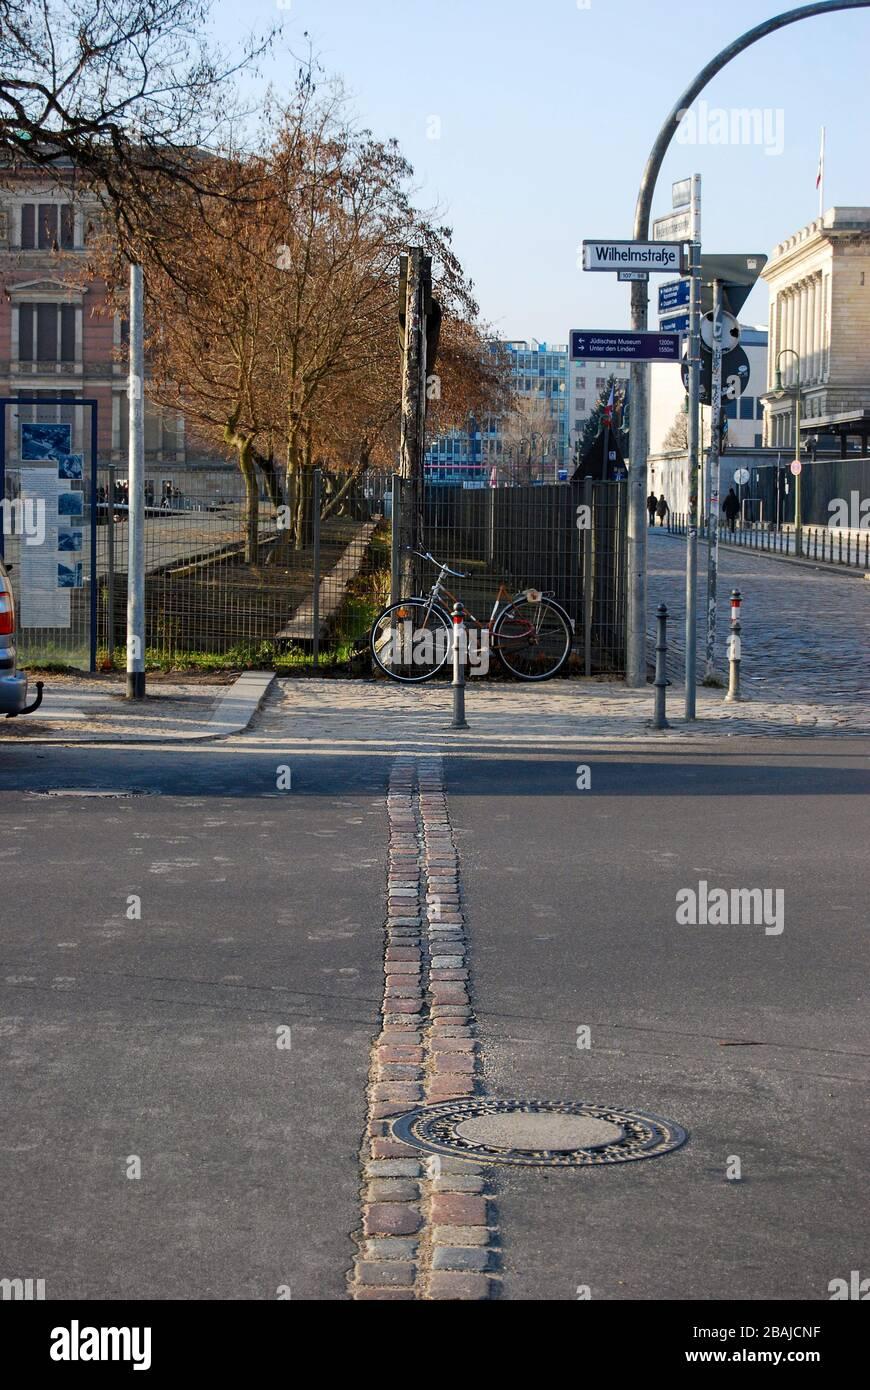 Marquage de l'endroit où le mur de Berlin a autrefois divisé l'est de l'Ouest à Berlin, en Allemagne Banque D'Images